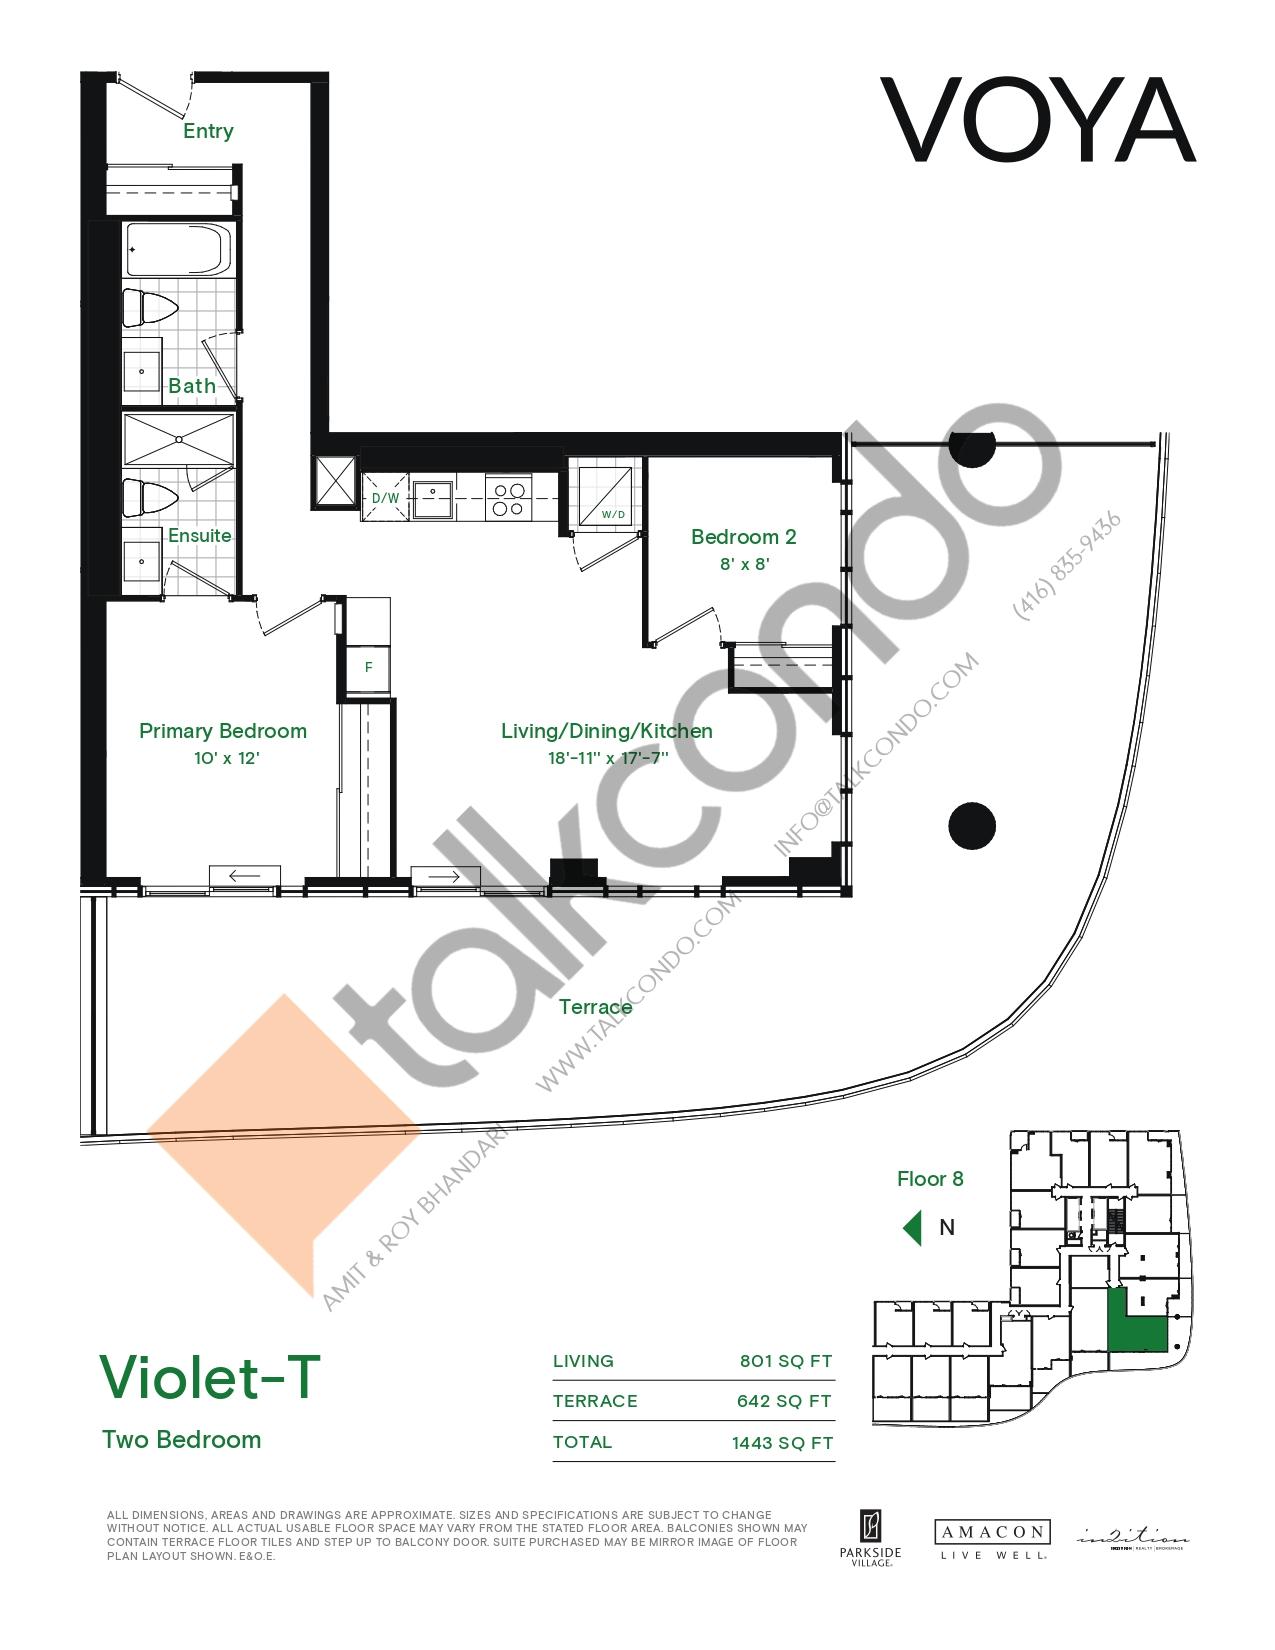 Violet-T (Podium) Floor Plan at Voya at Parkside Village Condos - 801 sq.ft